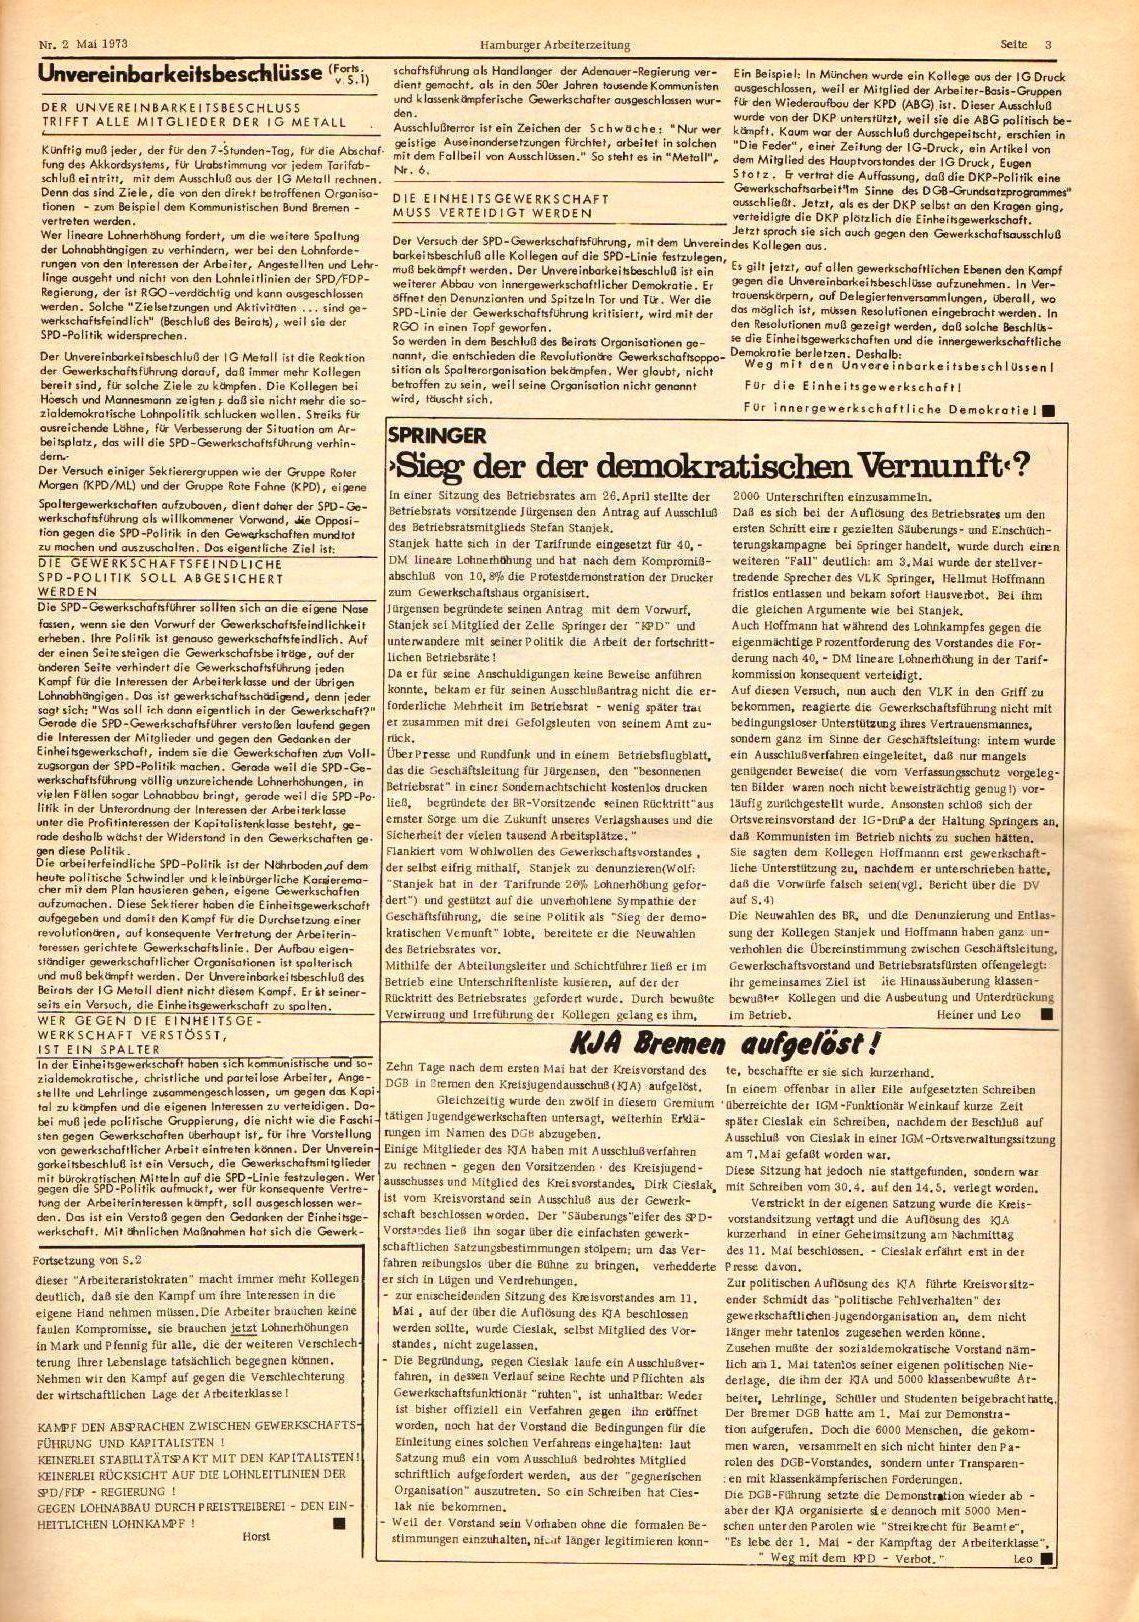 Hamburger_Arbeiterzeitung031